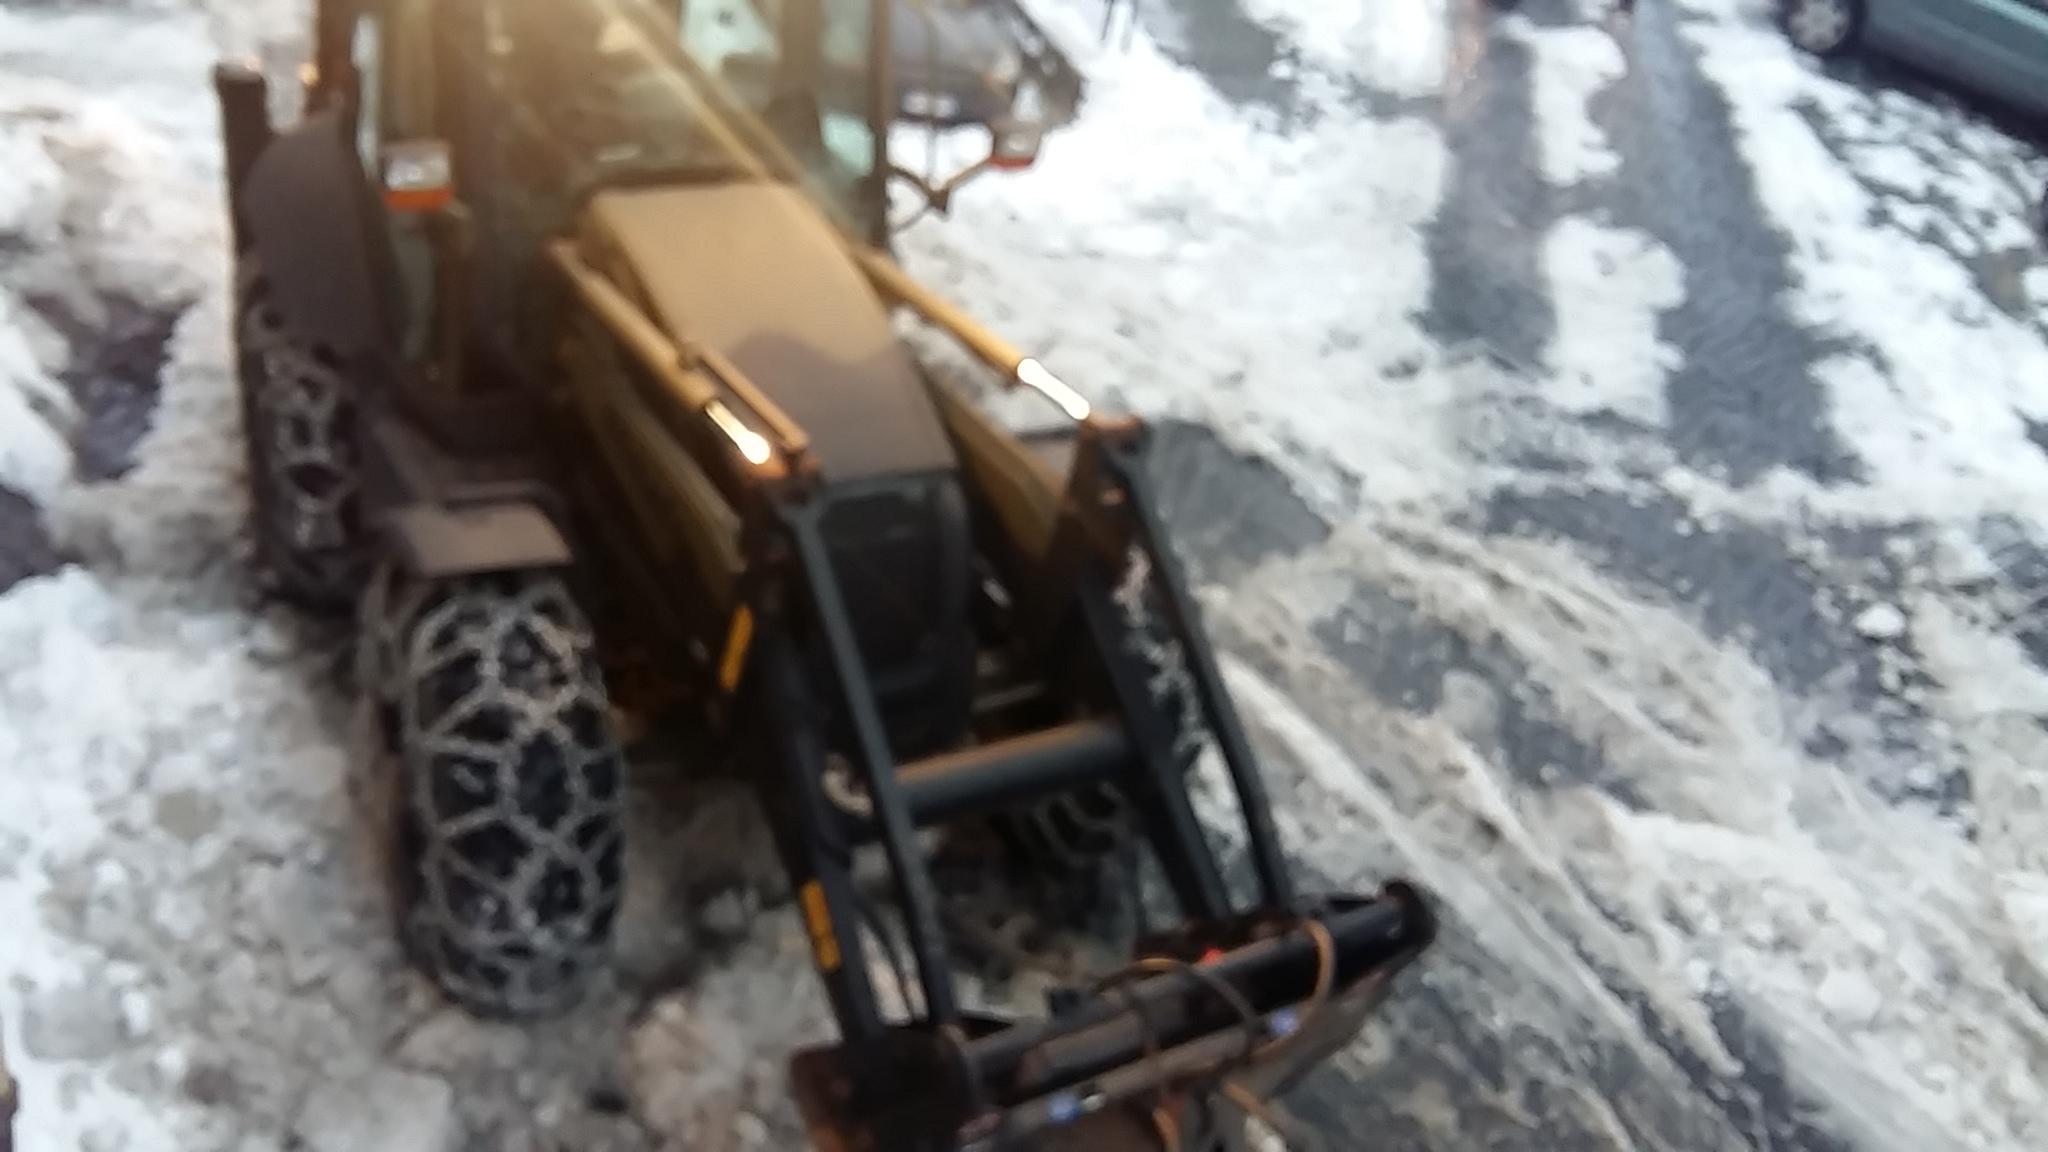 Emergenza neve: poteva andare anche peggio, Viterbo è una città in crisi, nelle emergenze meglio restare uniti